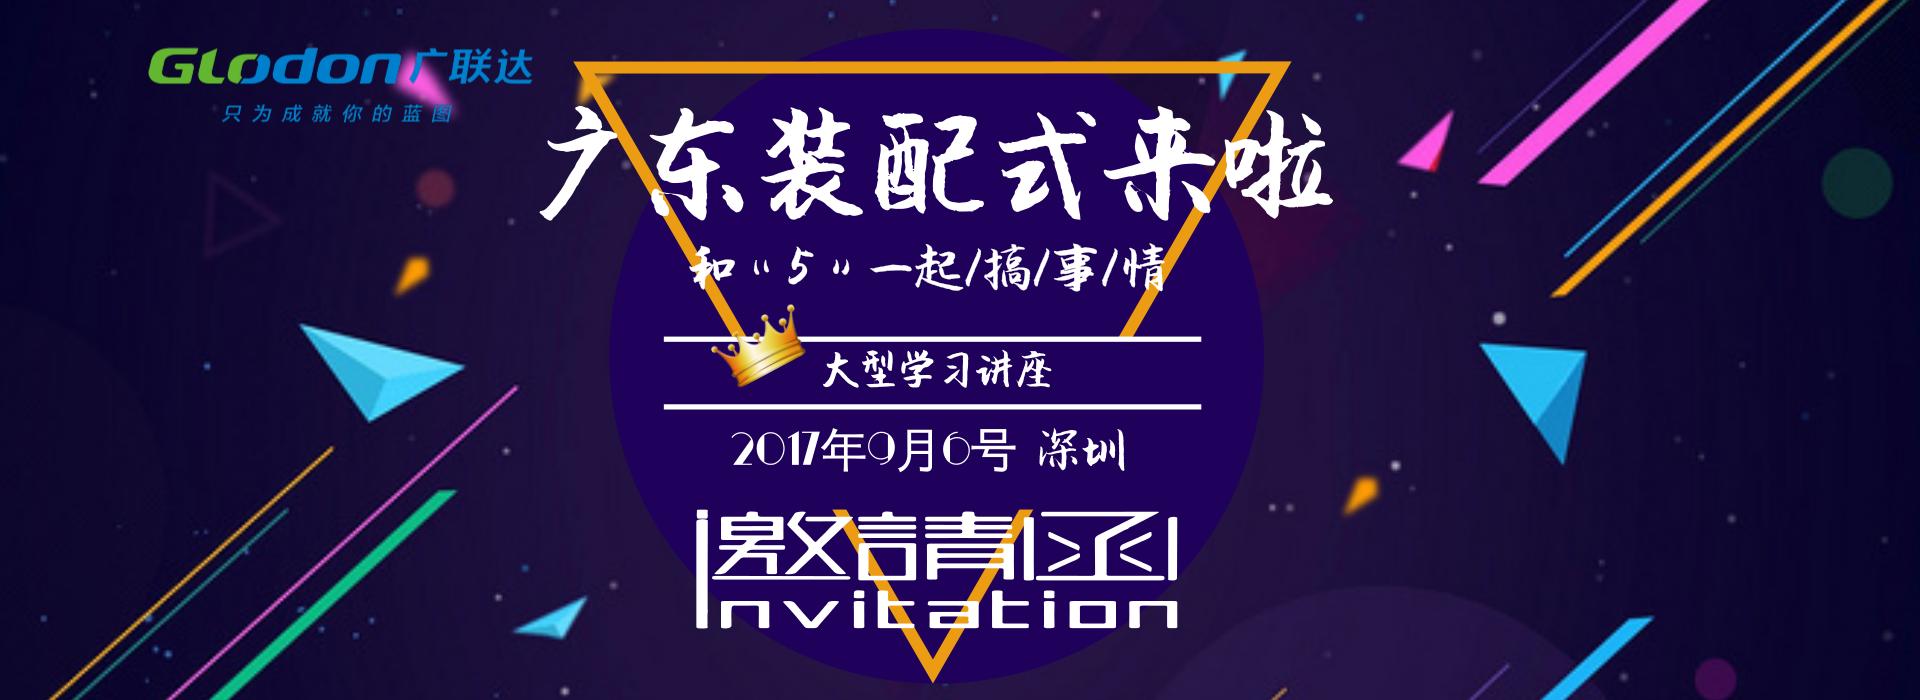 9.7_淘宝banner2_2017.08.28.png